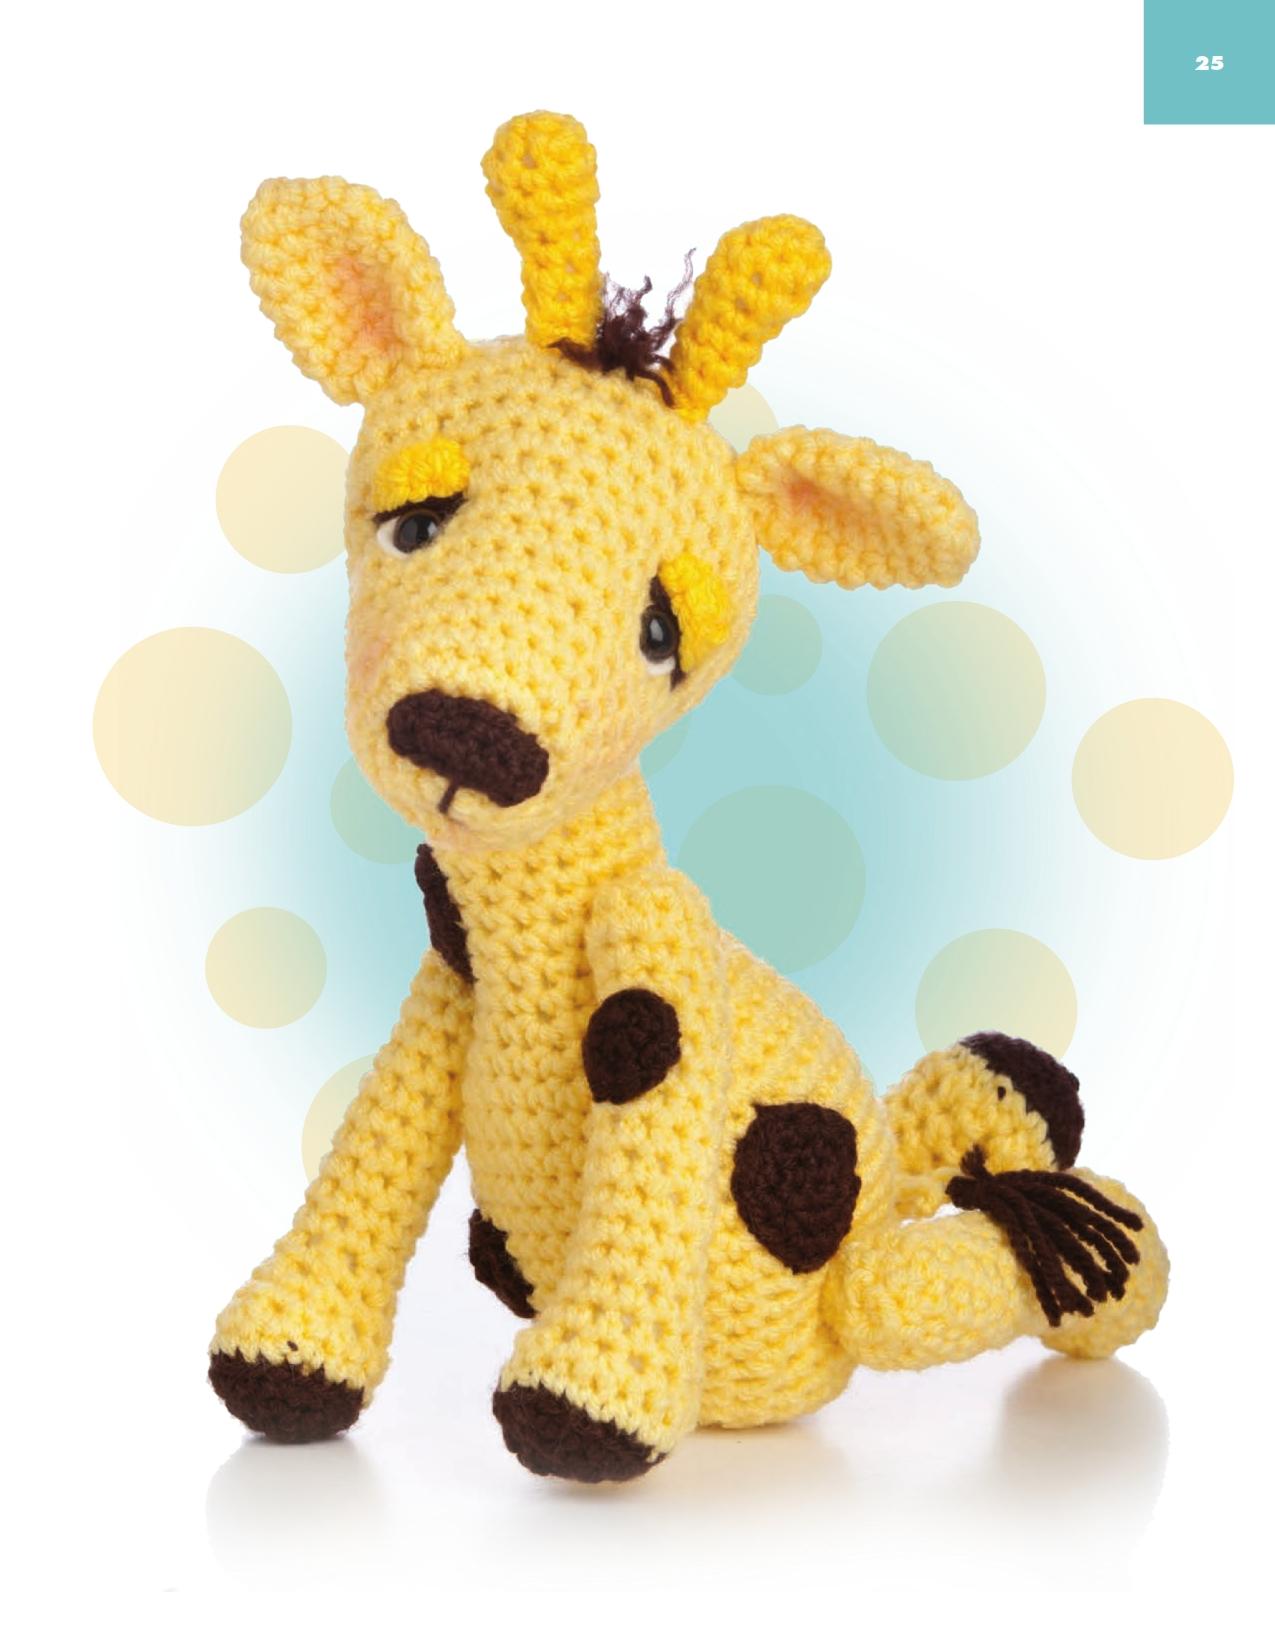 Amigurumi Angeli Schemi : Giraffa dolce amigurumi (4) - magiedifilo.it punto croce ...